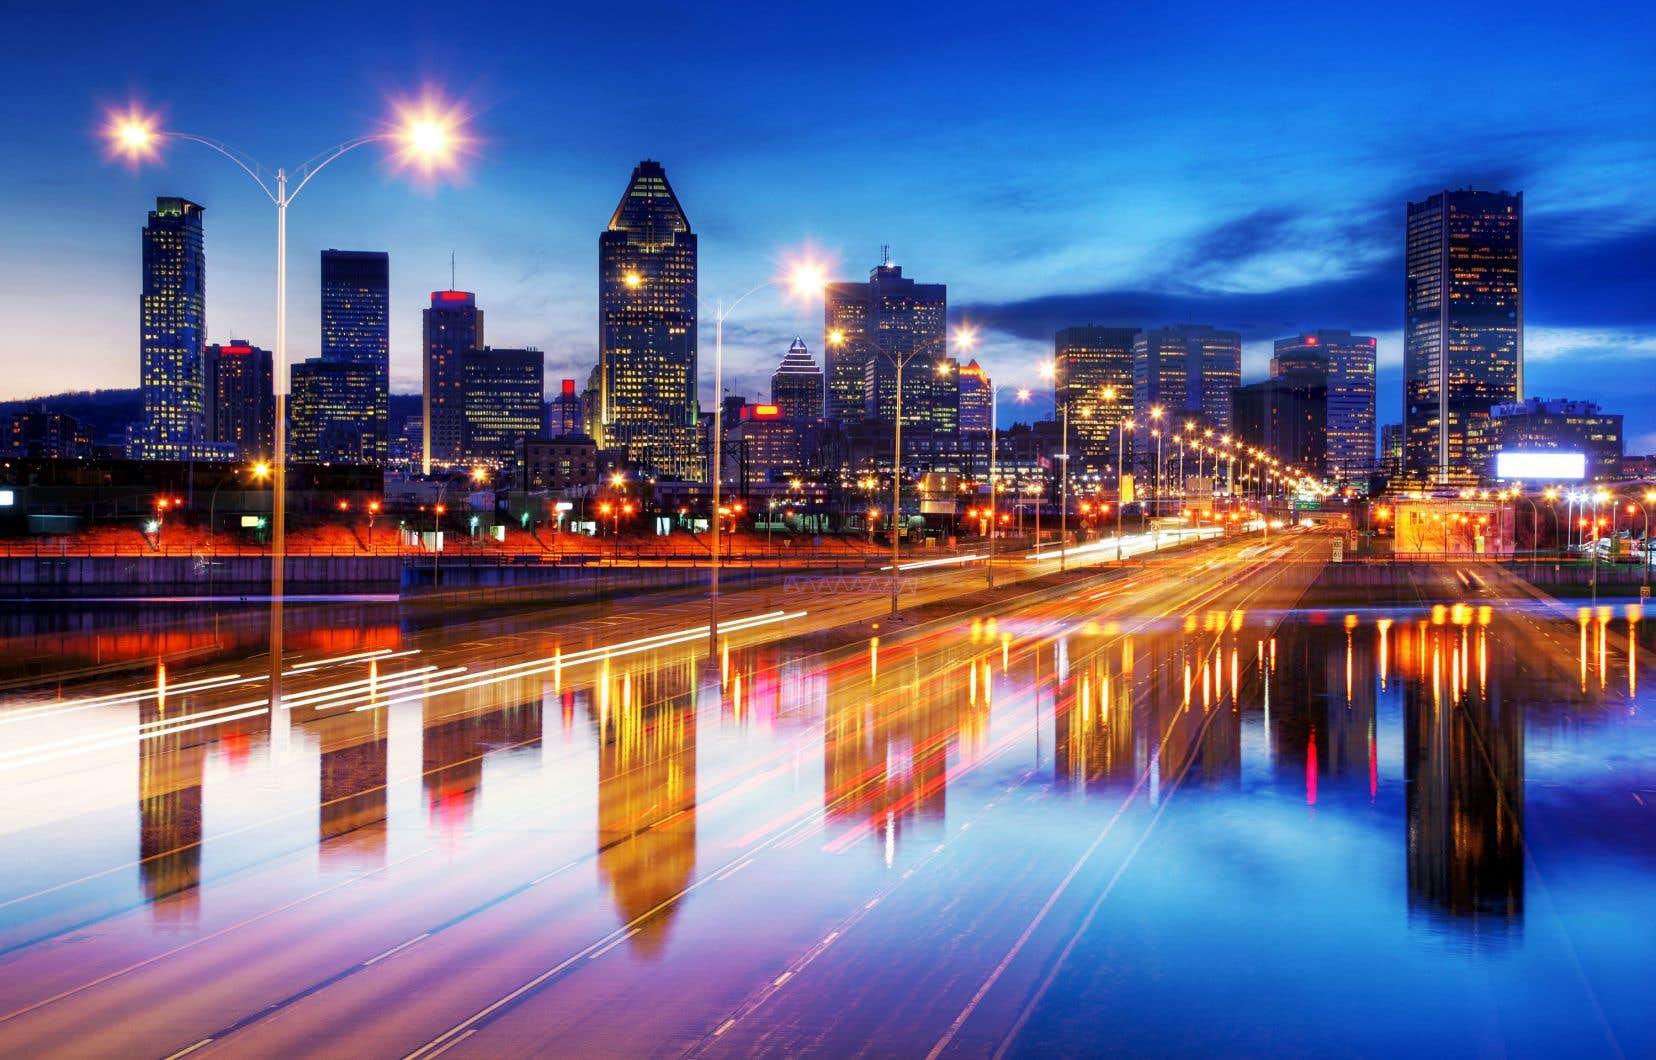 Selonl'Union des municipalités du Québec (UMQ),une ville intelligente doit chercher à augmenter son attractivité en réduisant son empreinte écologique et en offrant une meilleure qualité de vie.